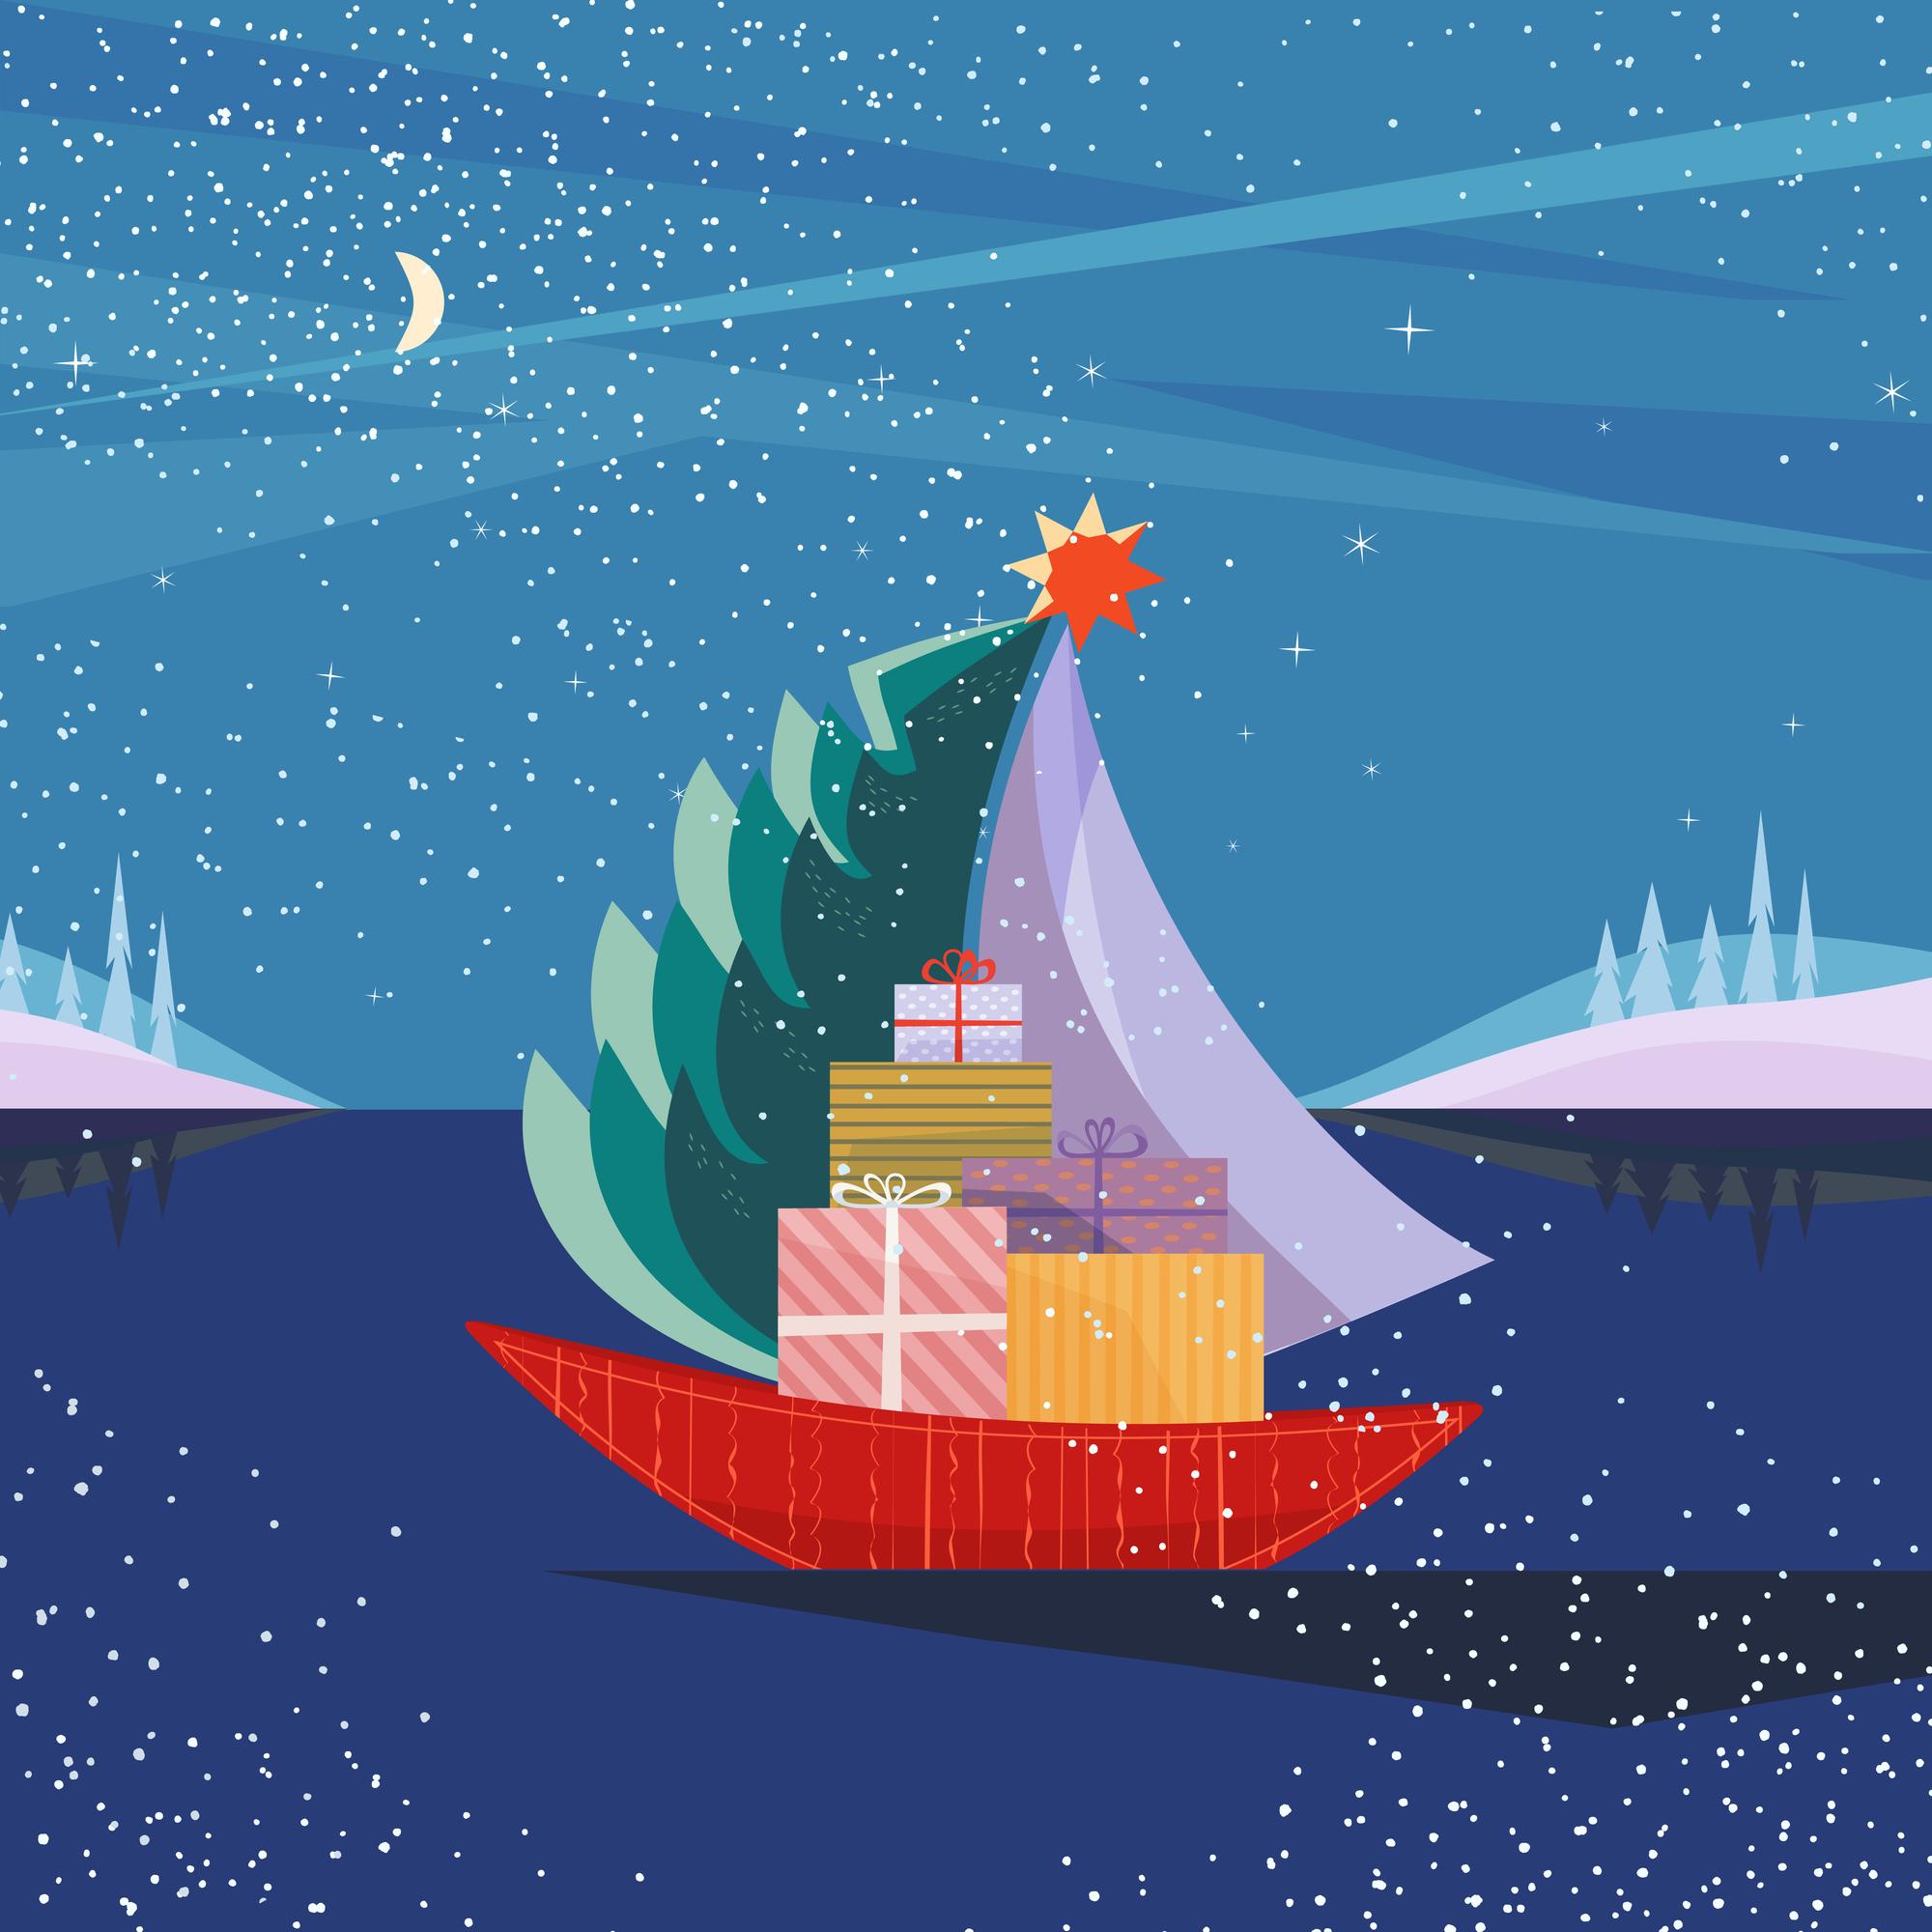 斬新なスタイルが感動を誘う Christmastree on the boat(イメージ)